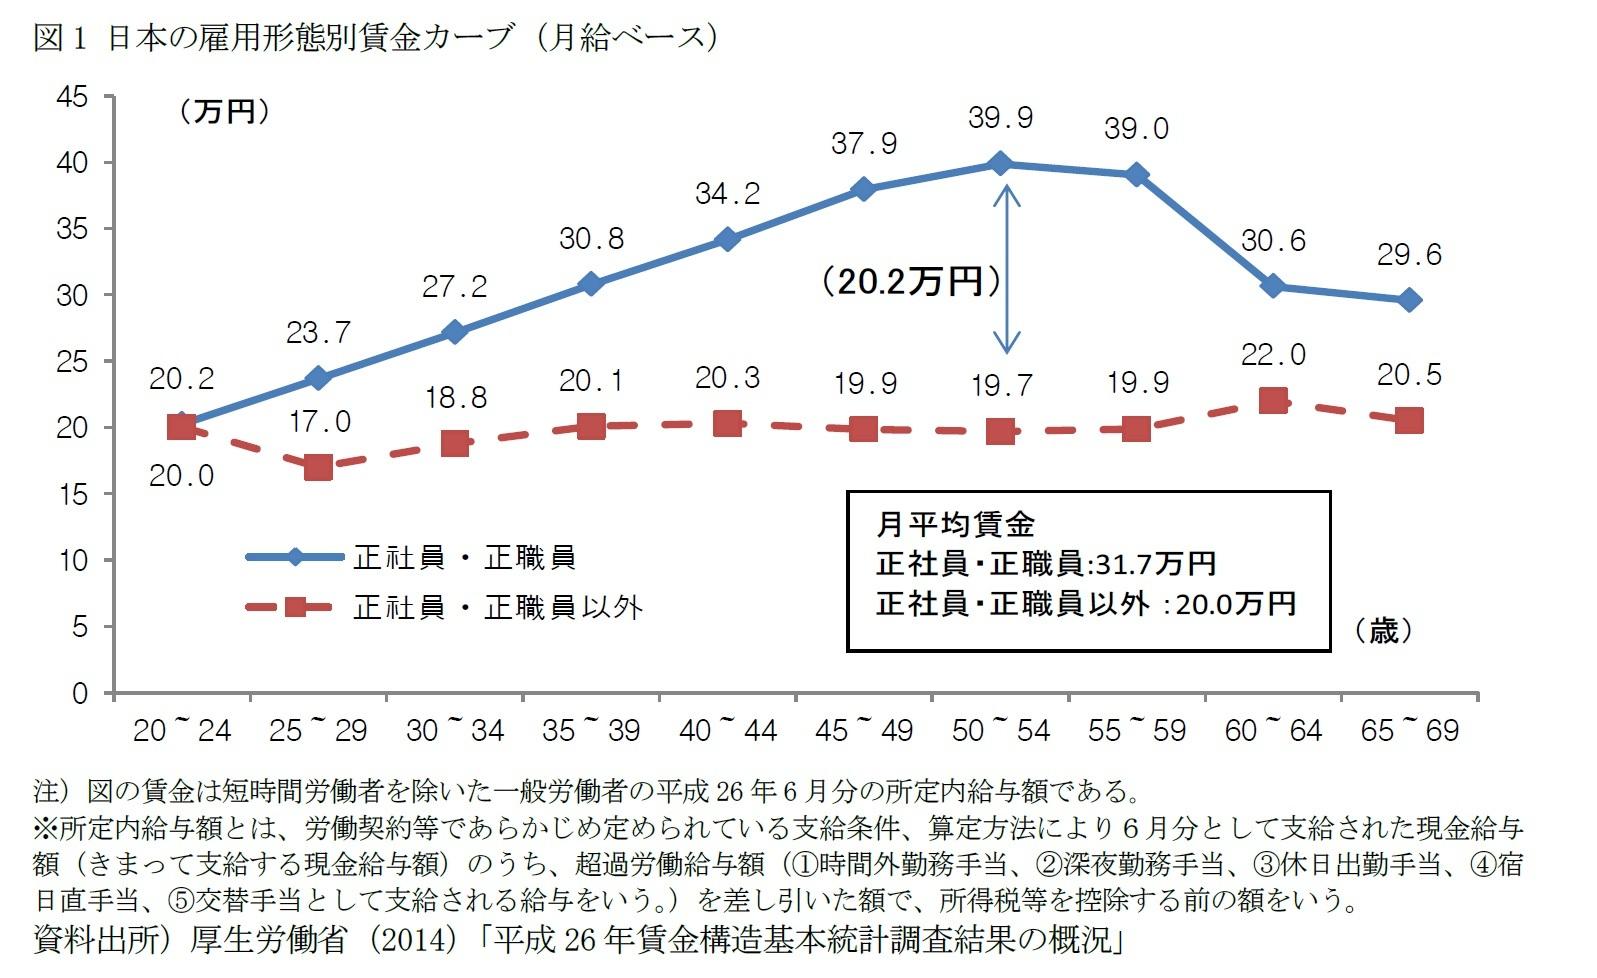 図1 日本の雇用形態別賃金カーブ(月給ベース)